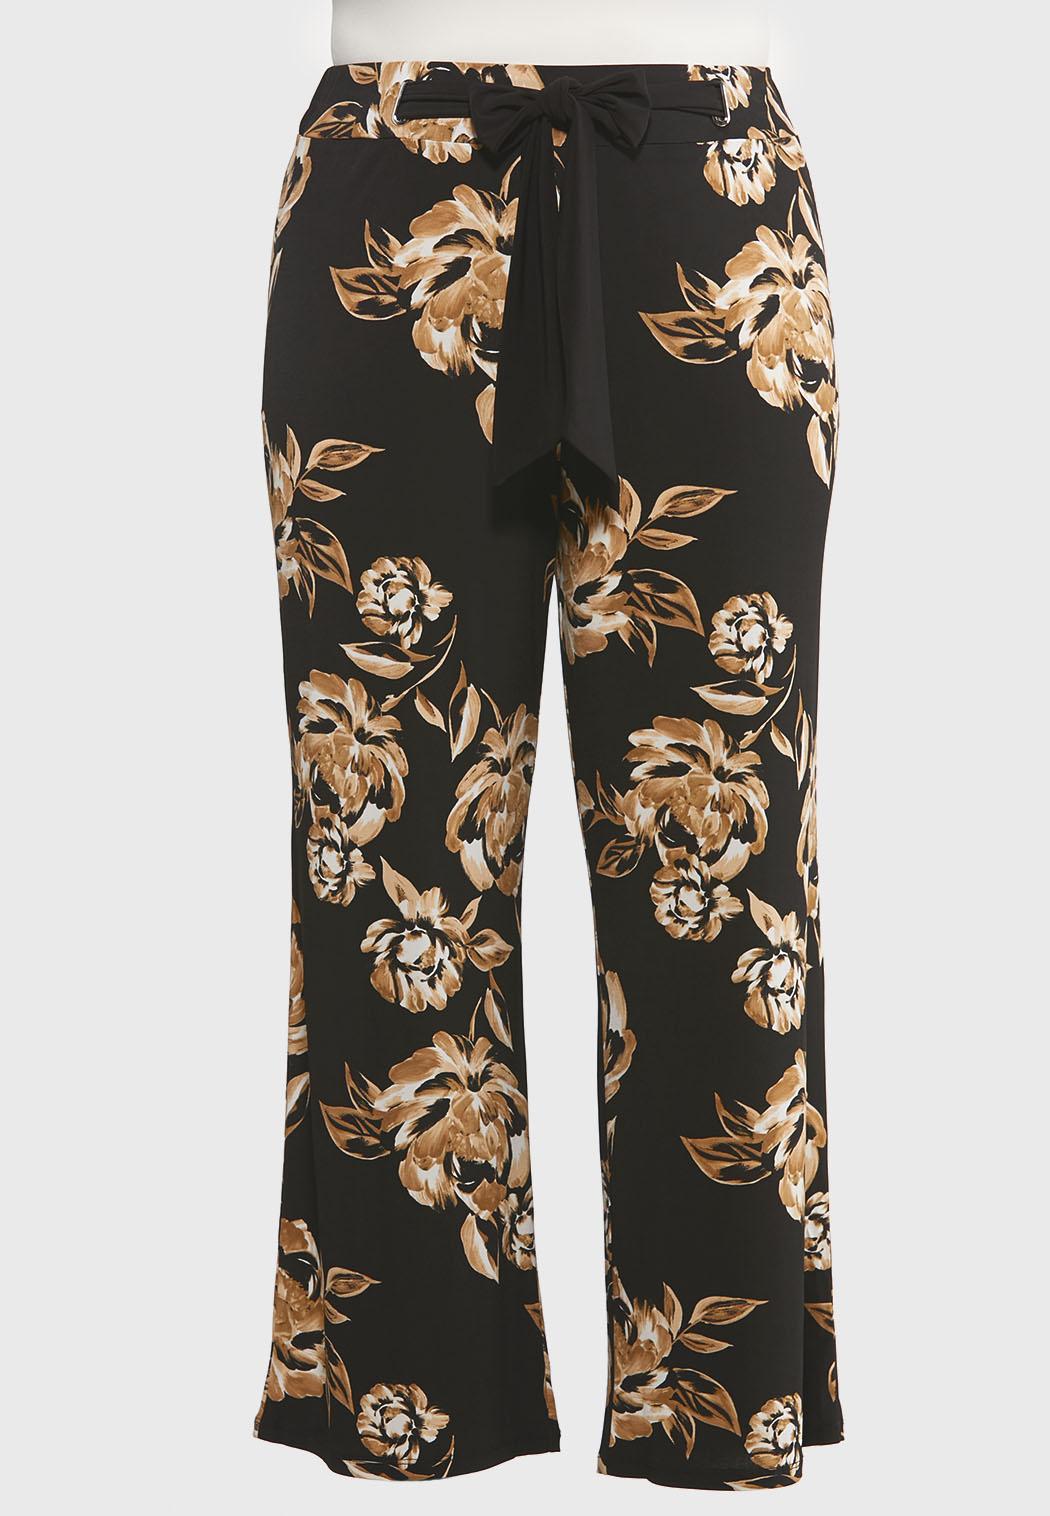 Plus Size Wide Leg Floral Pants